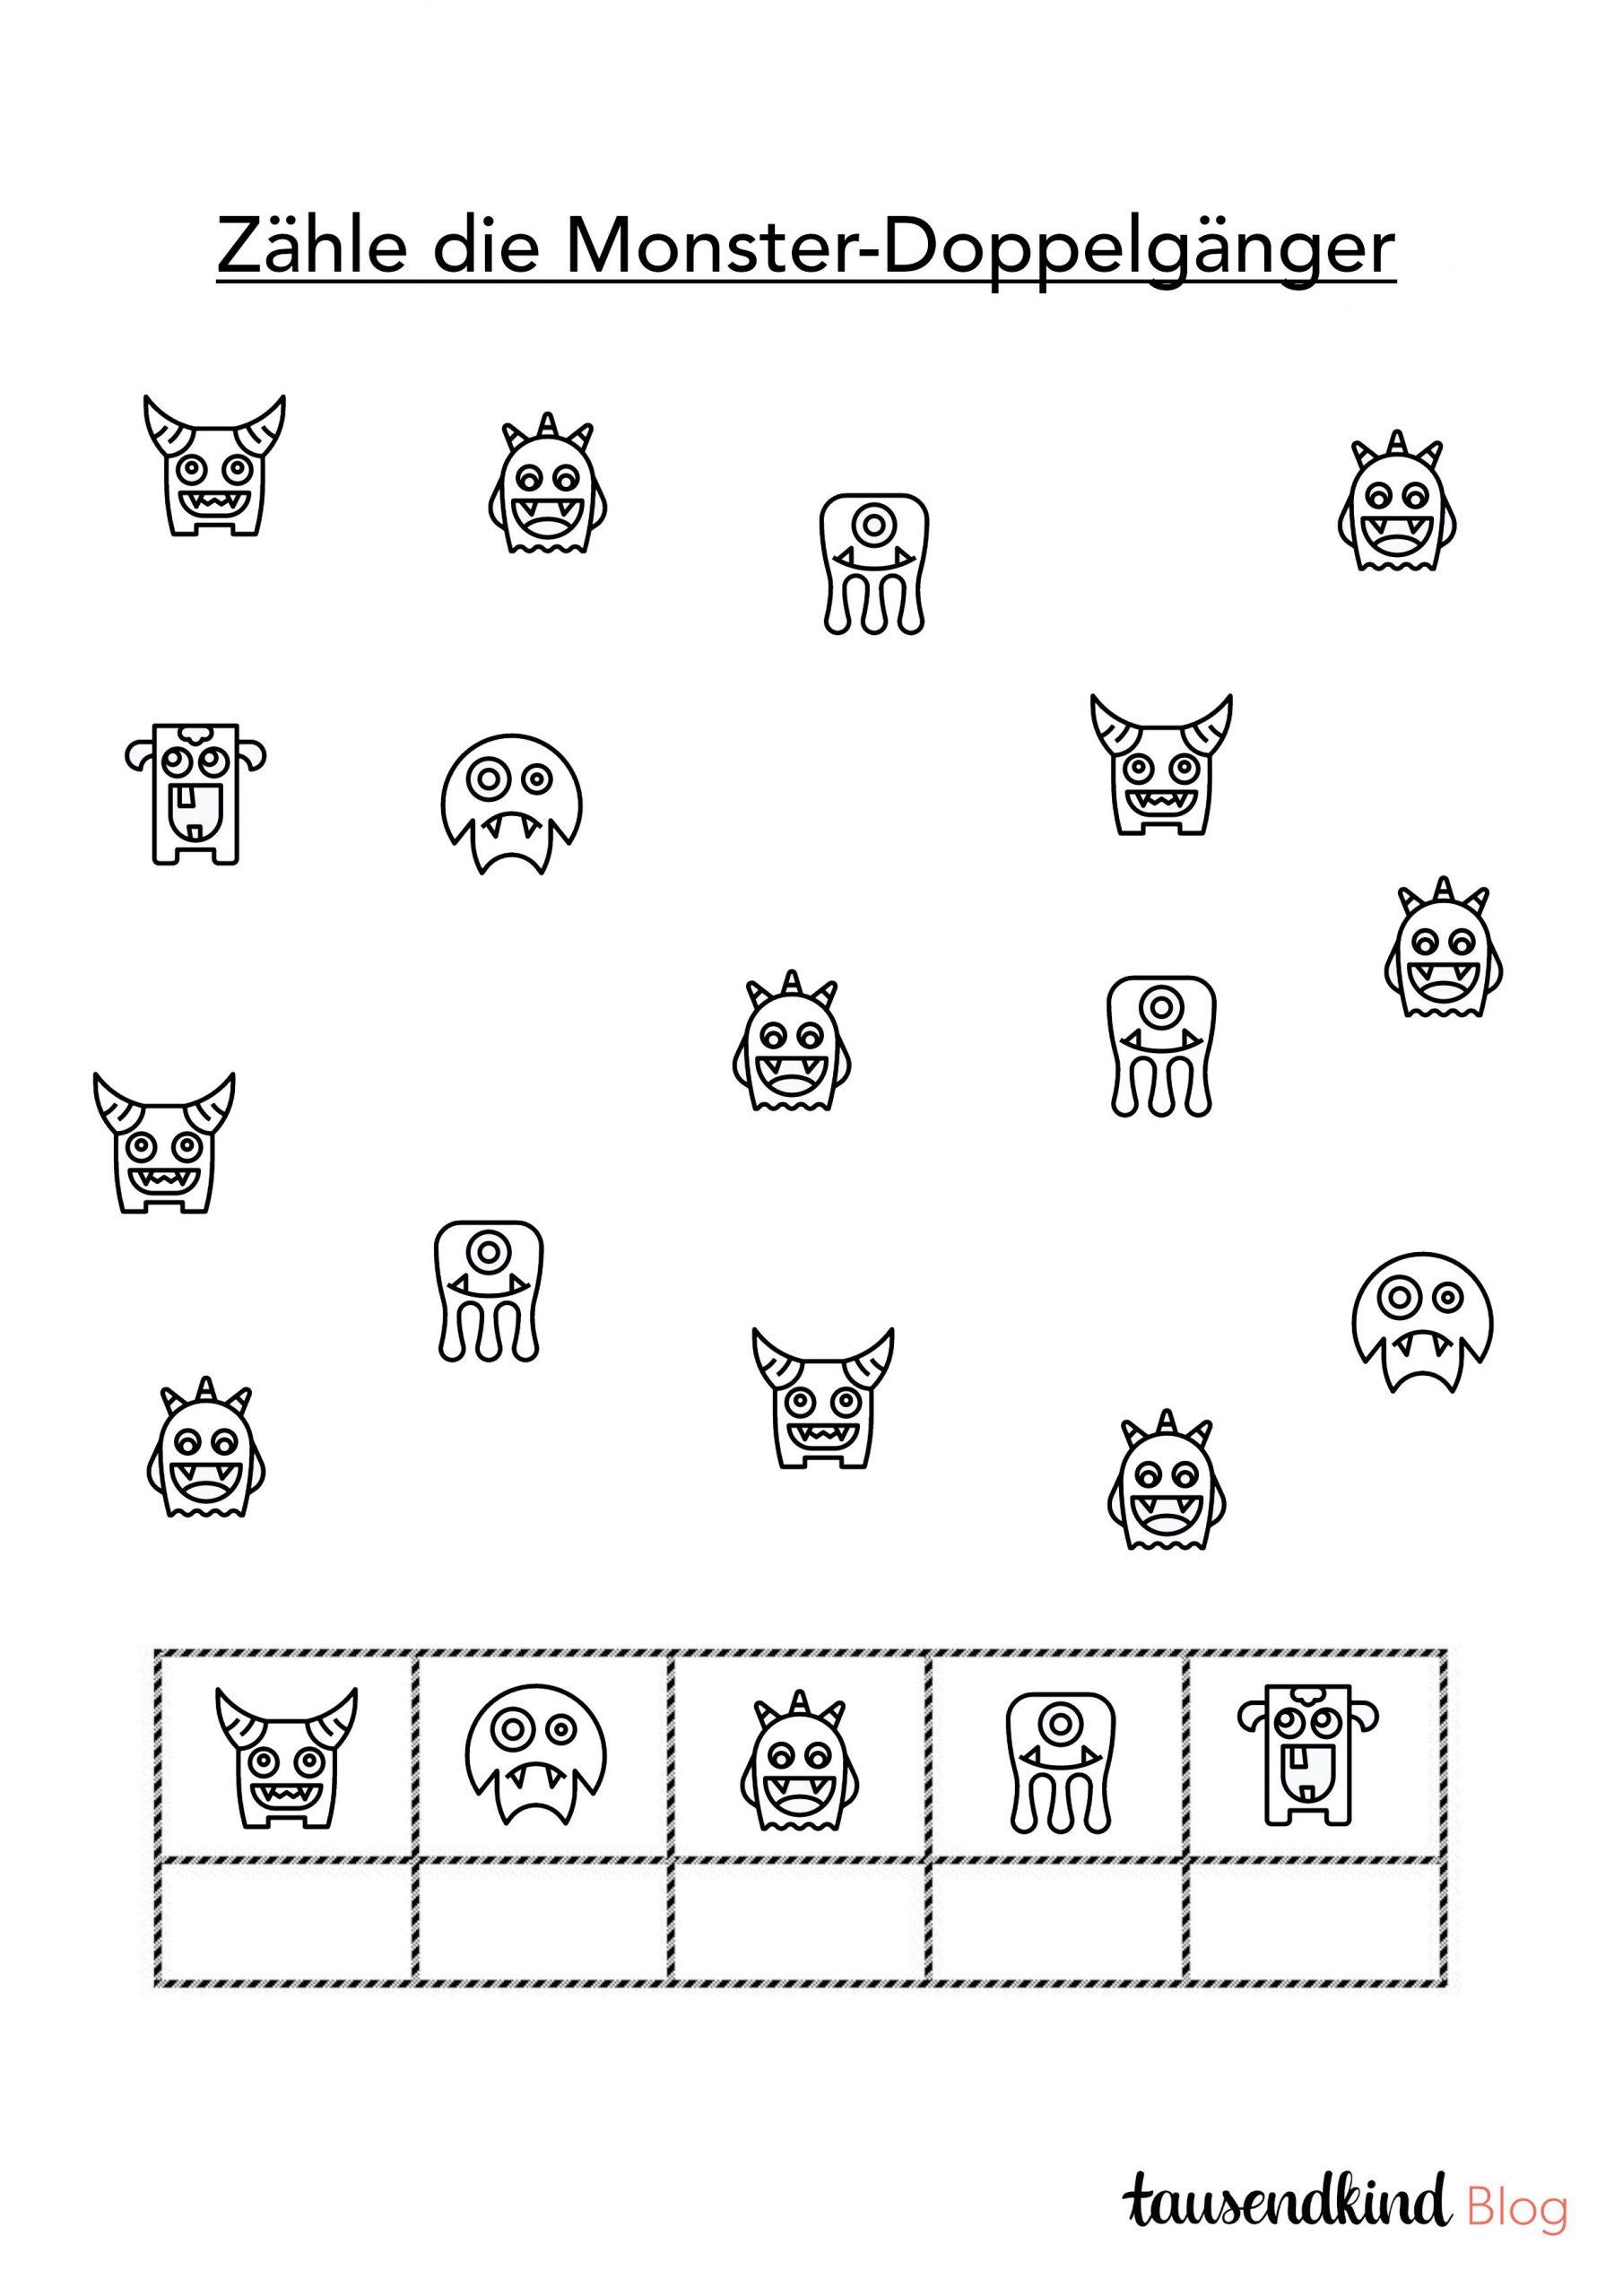 Rätsel Für Kinder Zum Ausdrucken - 5 Varianten Gegen Die bestimmt für Rätsel Für Kleinkinder Zum Ausdrucken